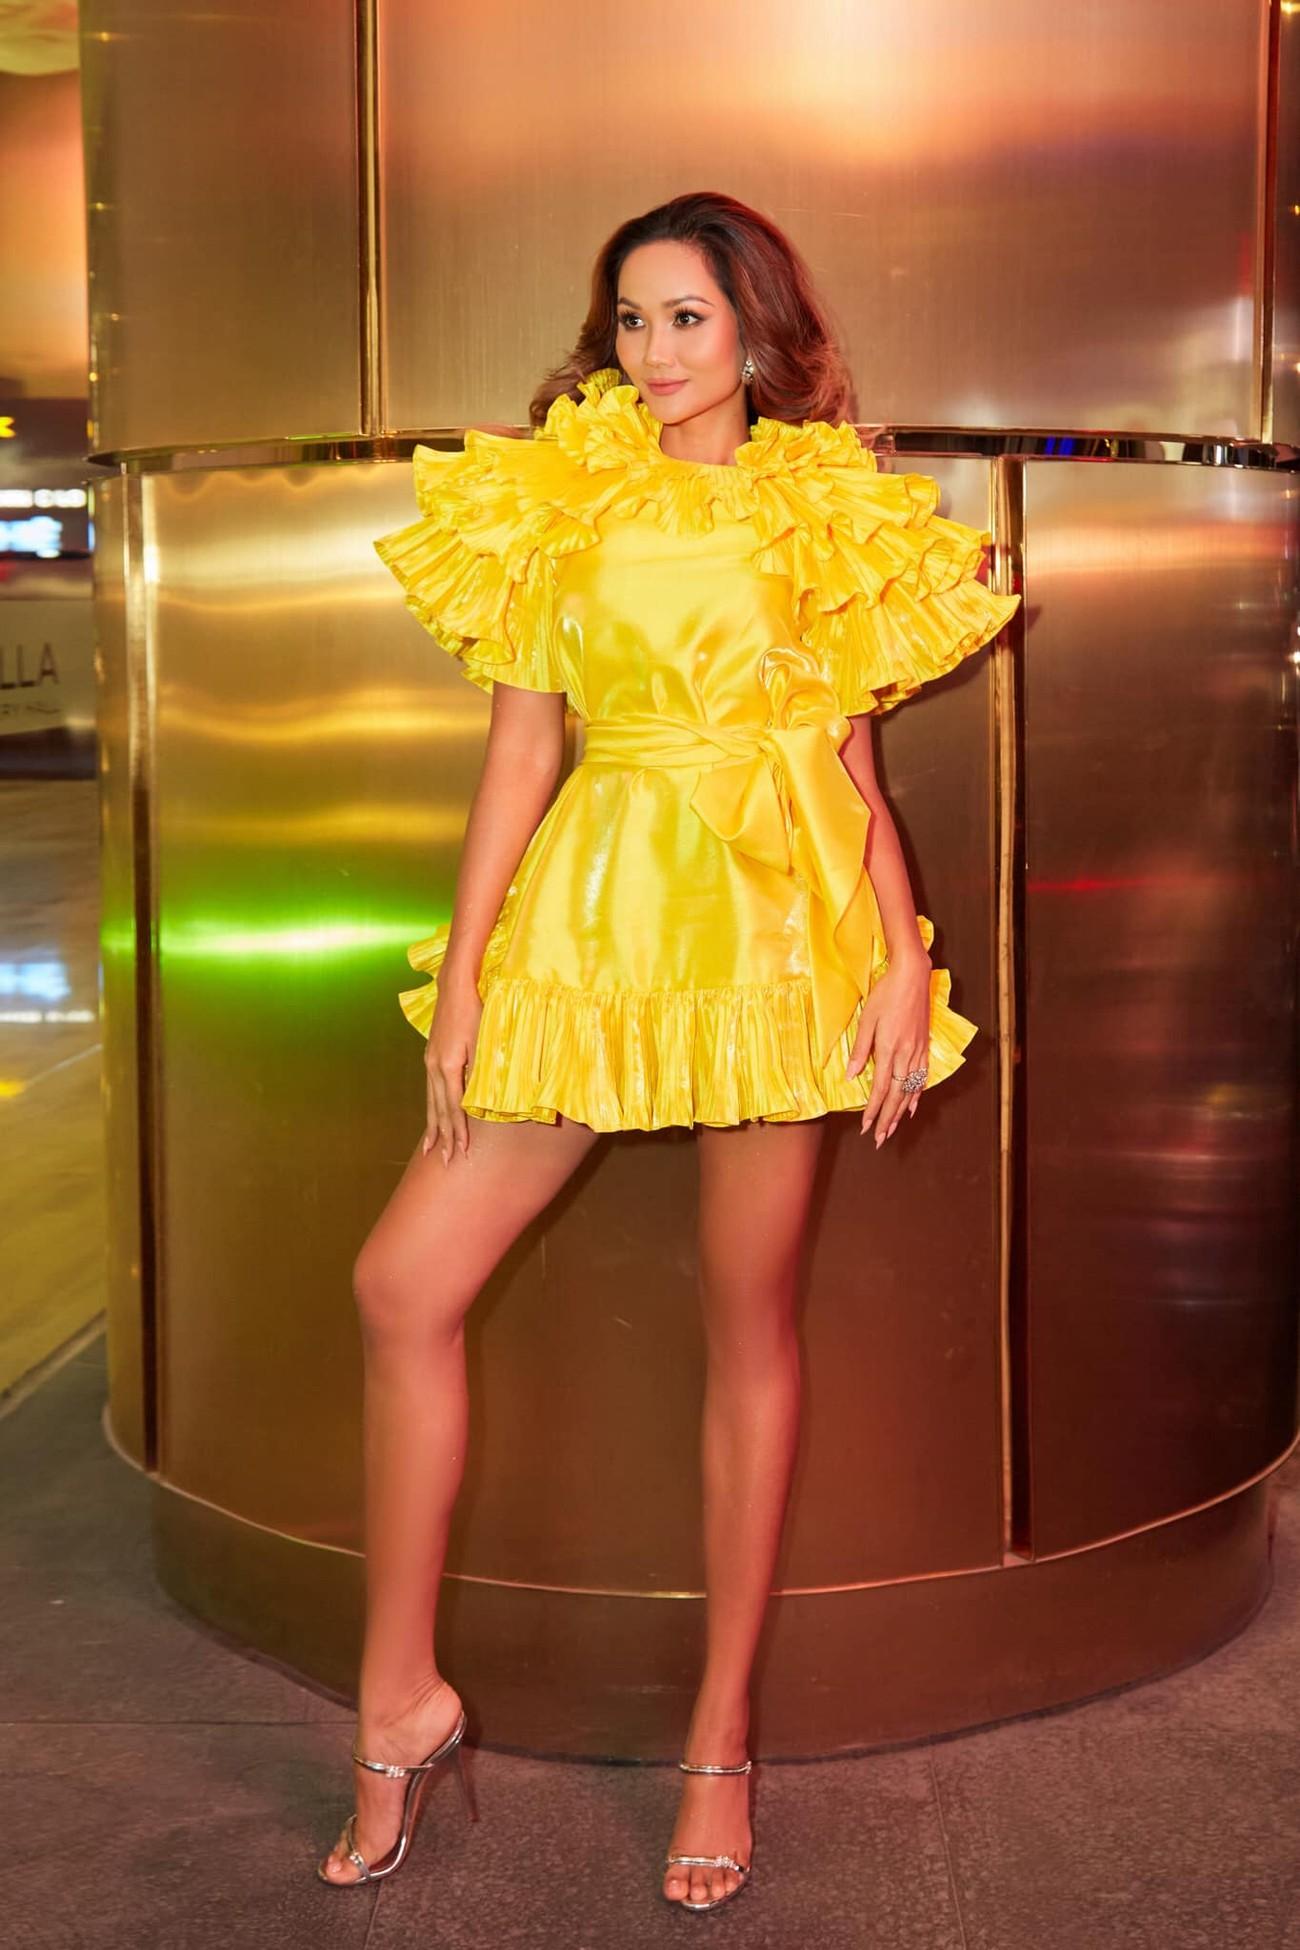 Diện lại sắc vàng từng 'gây bão' ở Miss Universe, H'Hen Niê đẹp rạng rỡ như một đóa hồng ảnh 1